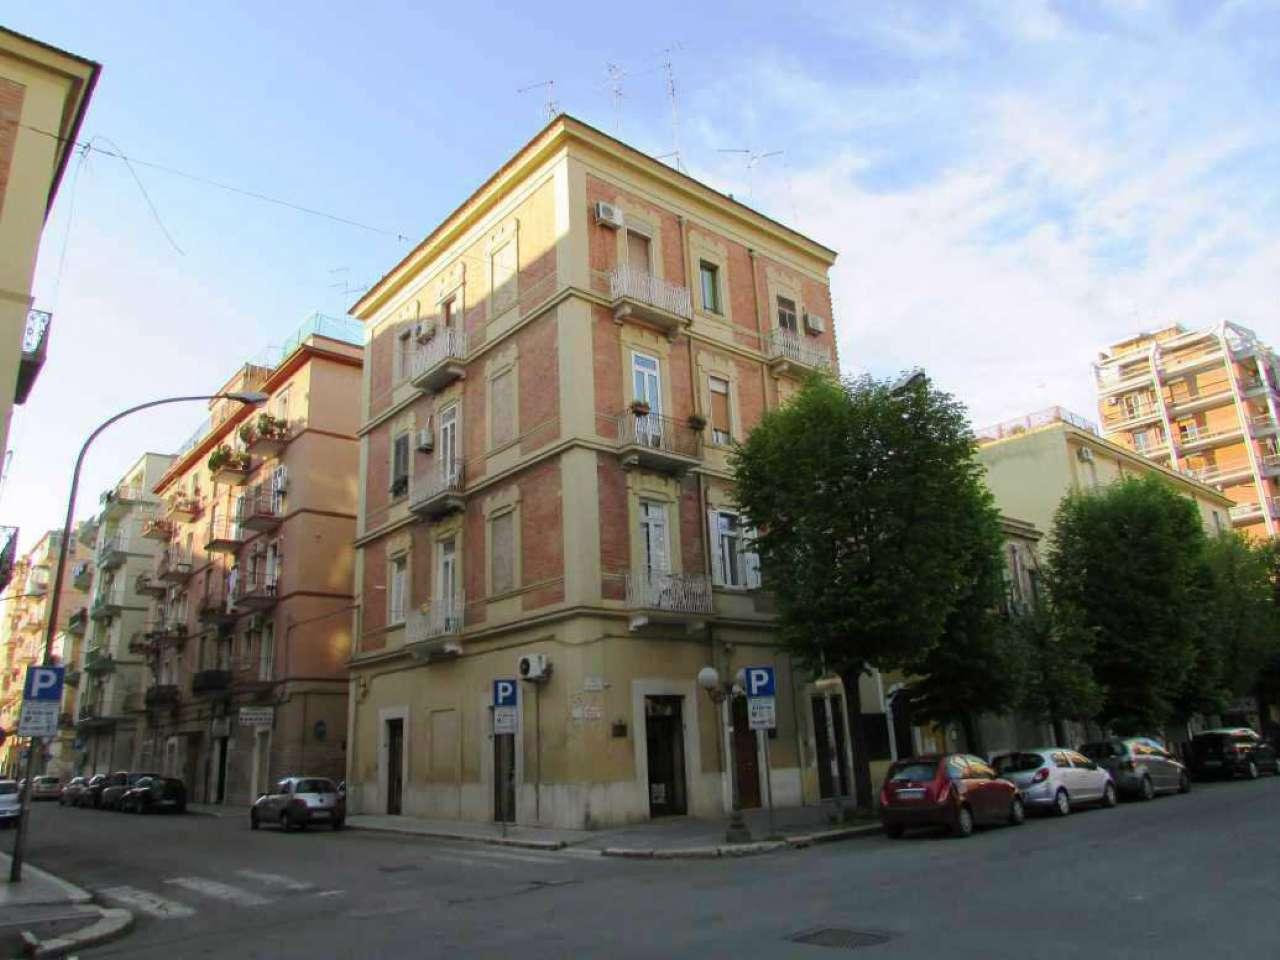 Appartamento in vendita a Foggia, 3 locali, prezzo € 72.000 | CambioCasa.it